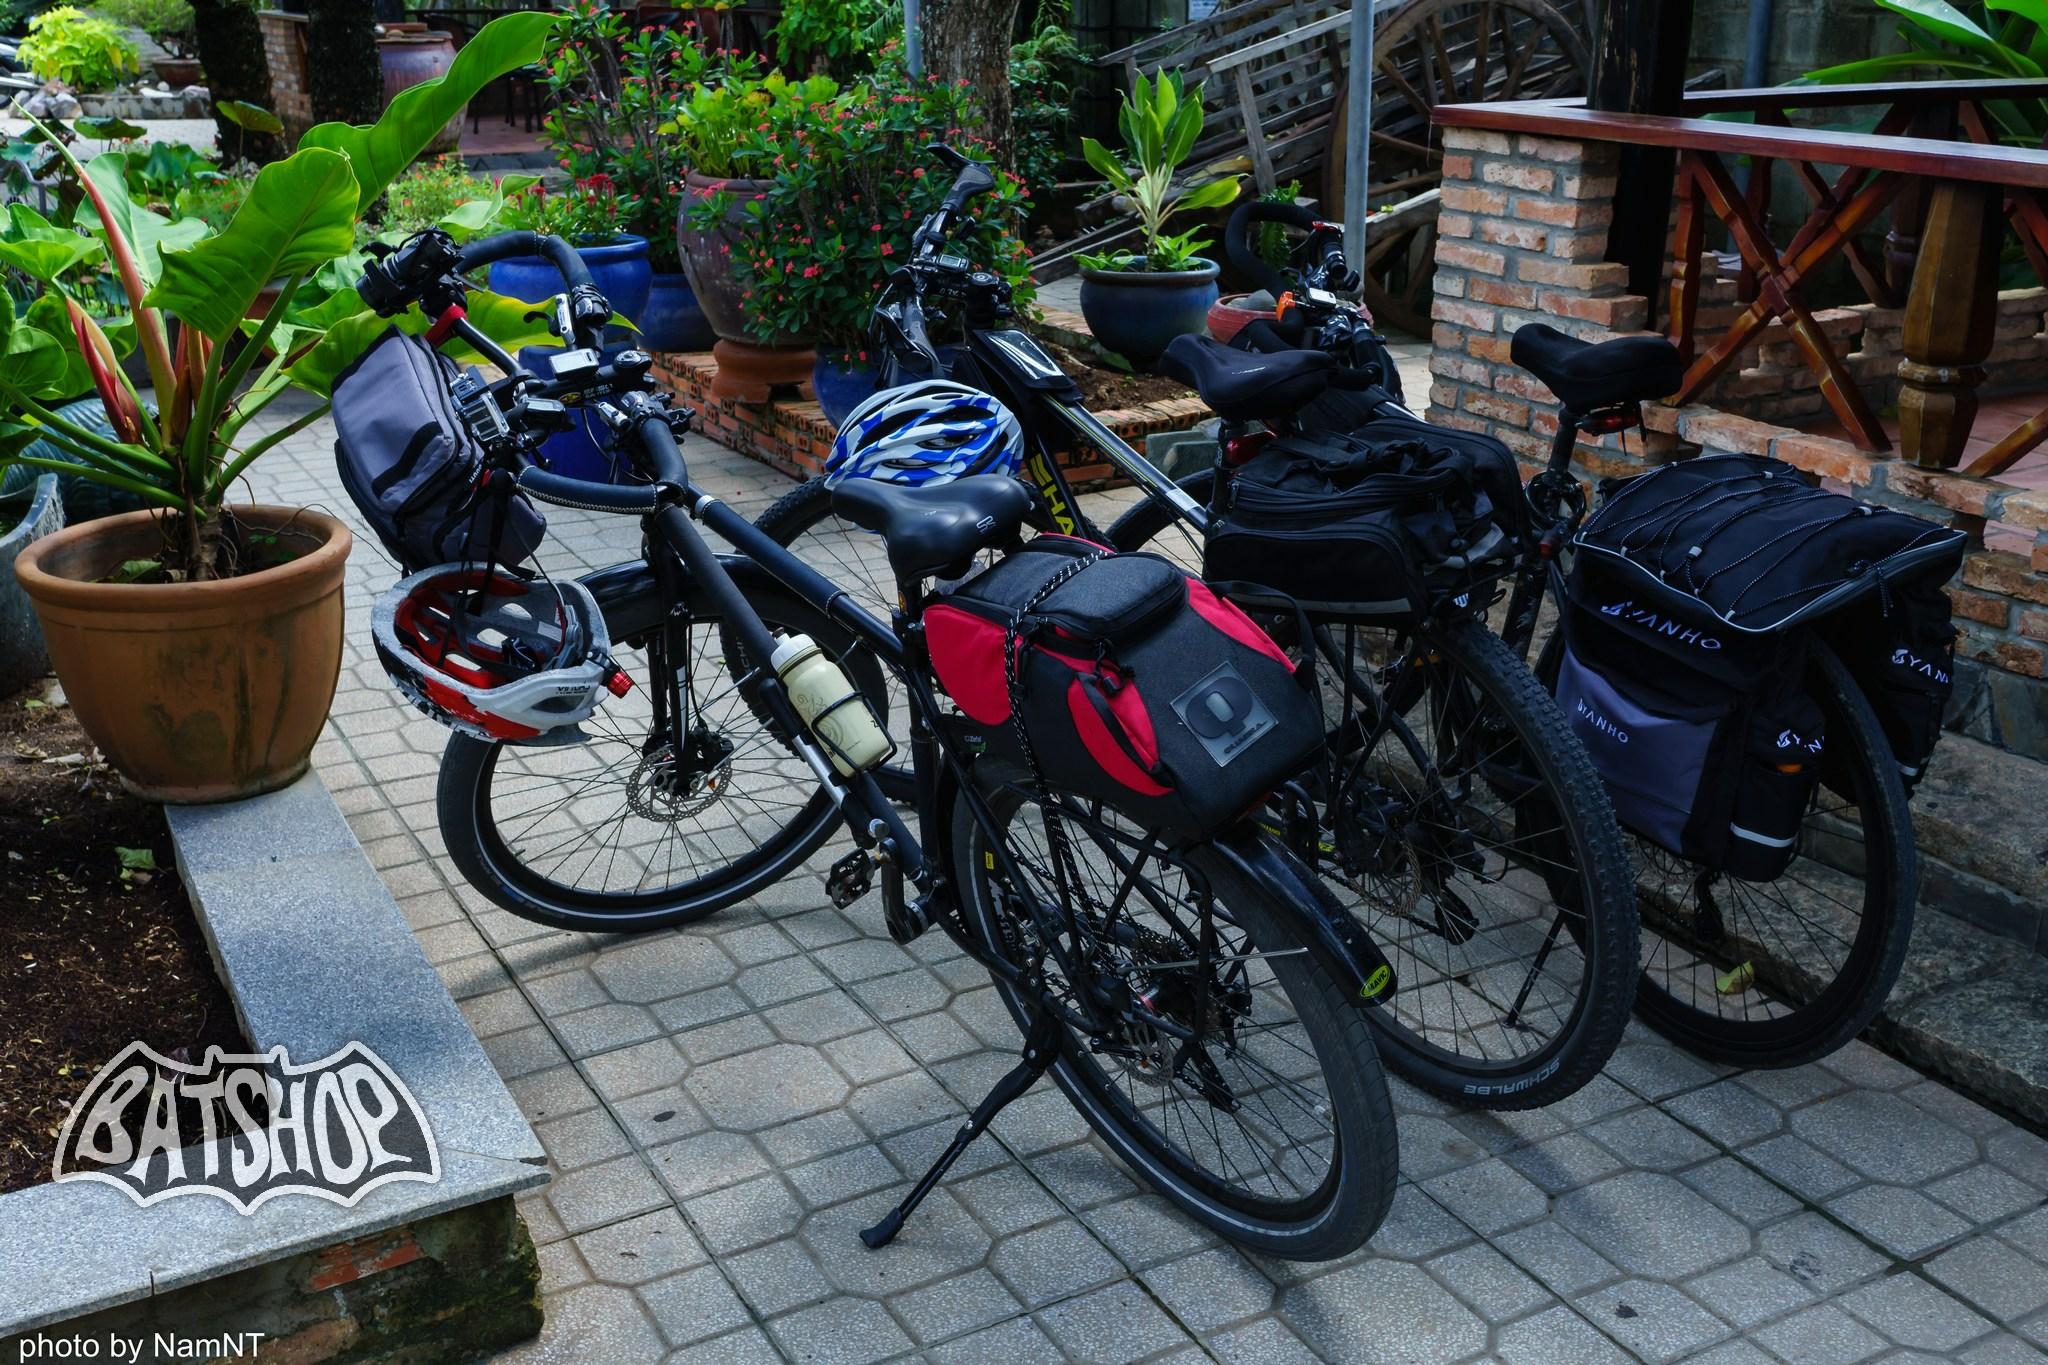 20026271603 521f2c626b k - Hồ Cần Nôm-Dầu Tiếng chuyến đạp xe, băng rừng, leo núi, tắm hồ, mần gà